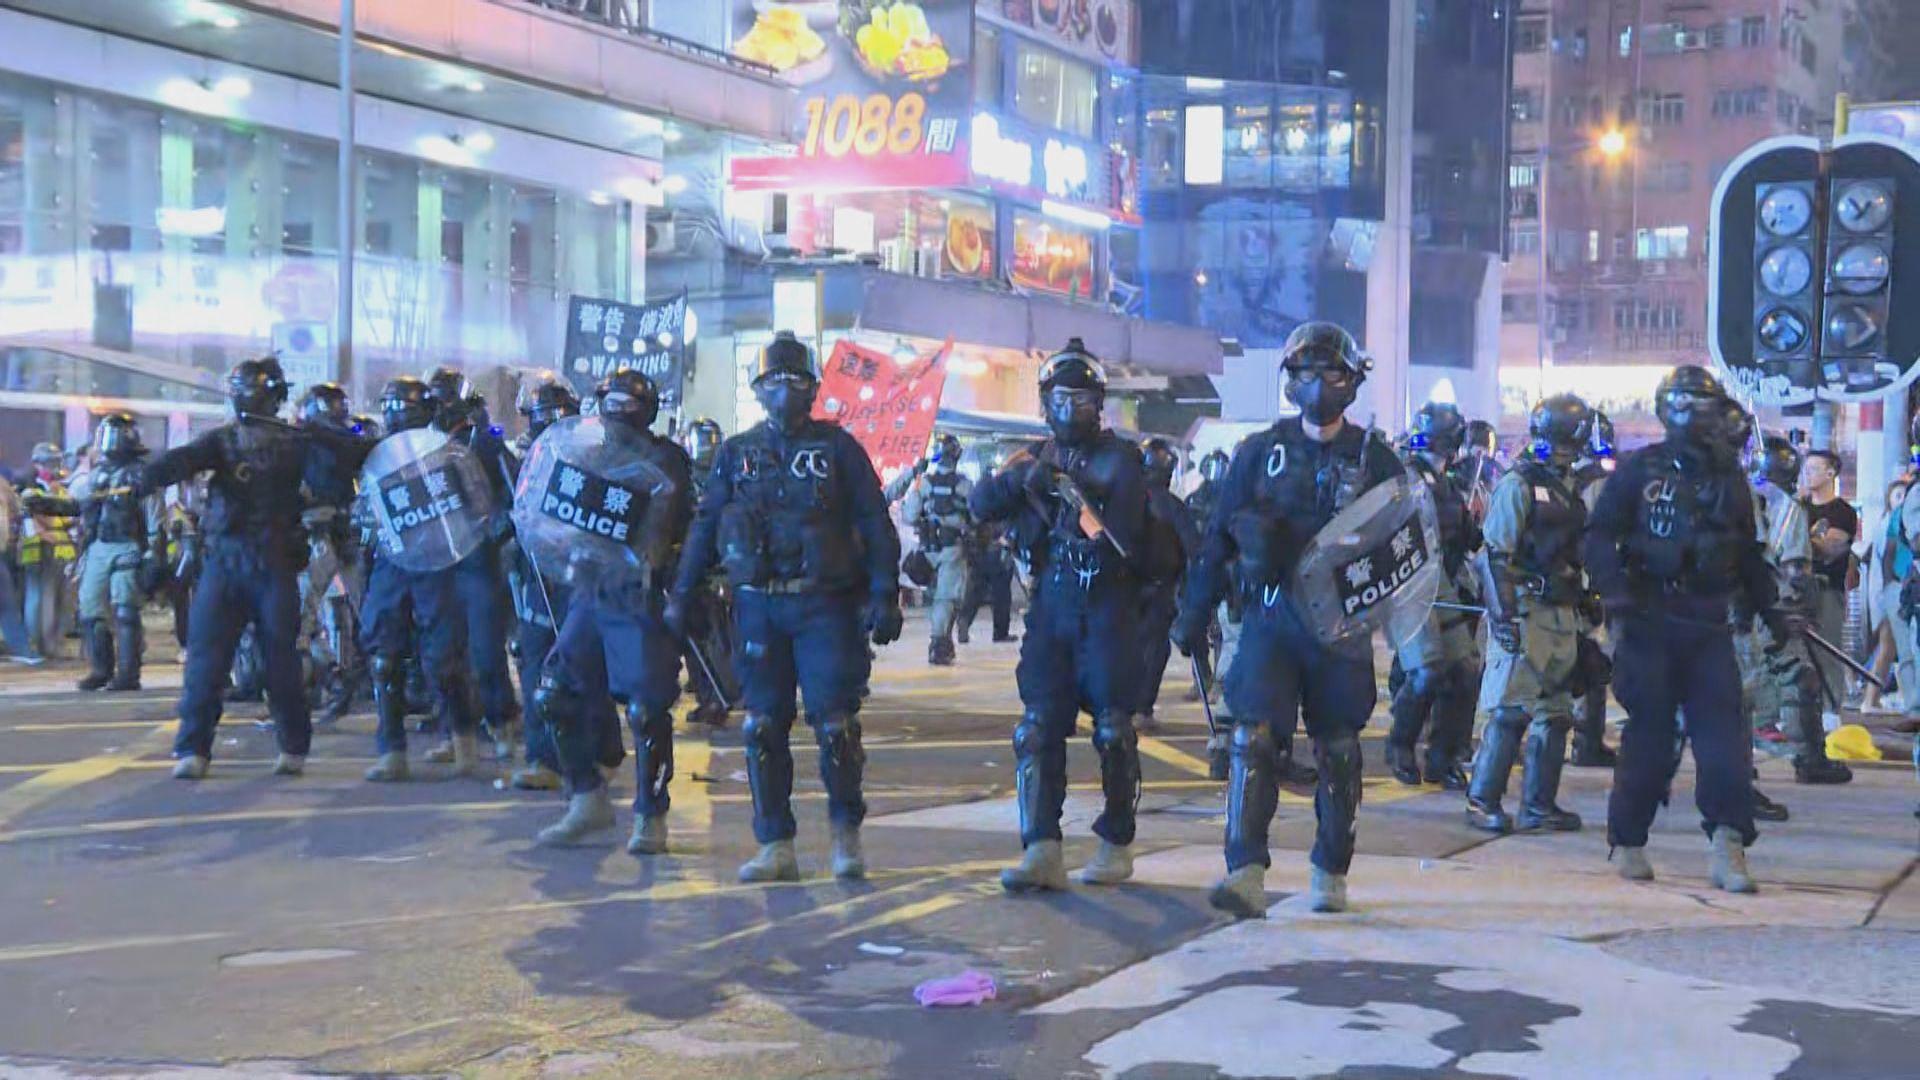 【不斷更新】入夜後大批示威者在旺角一帶聚集